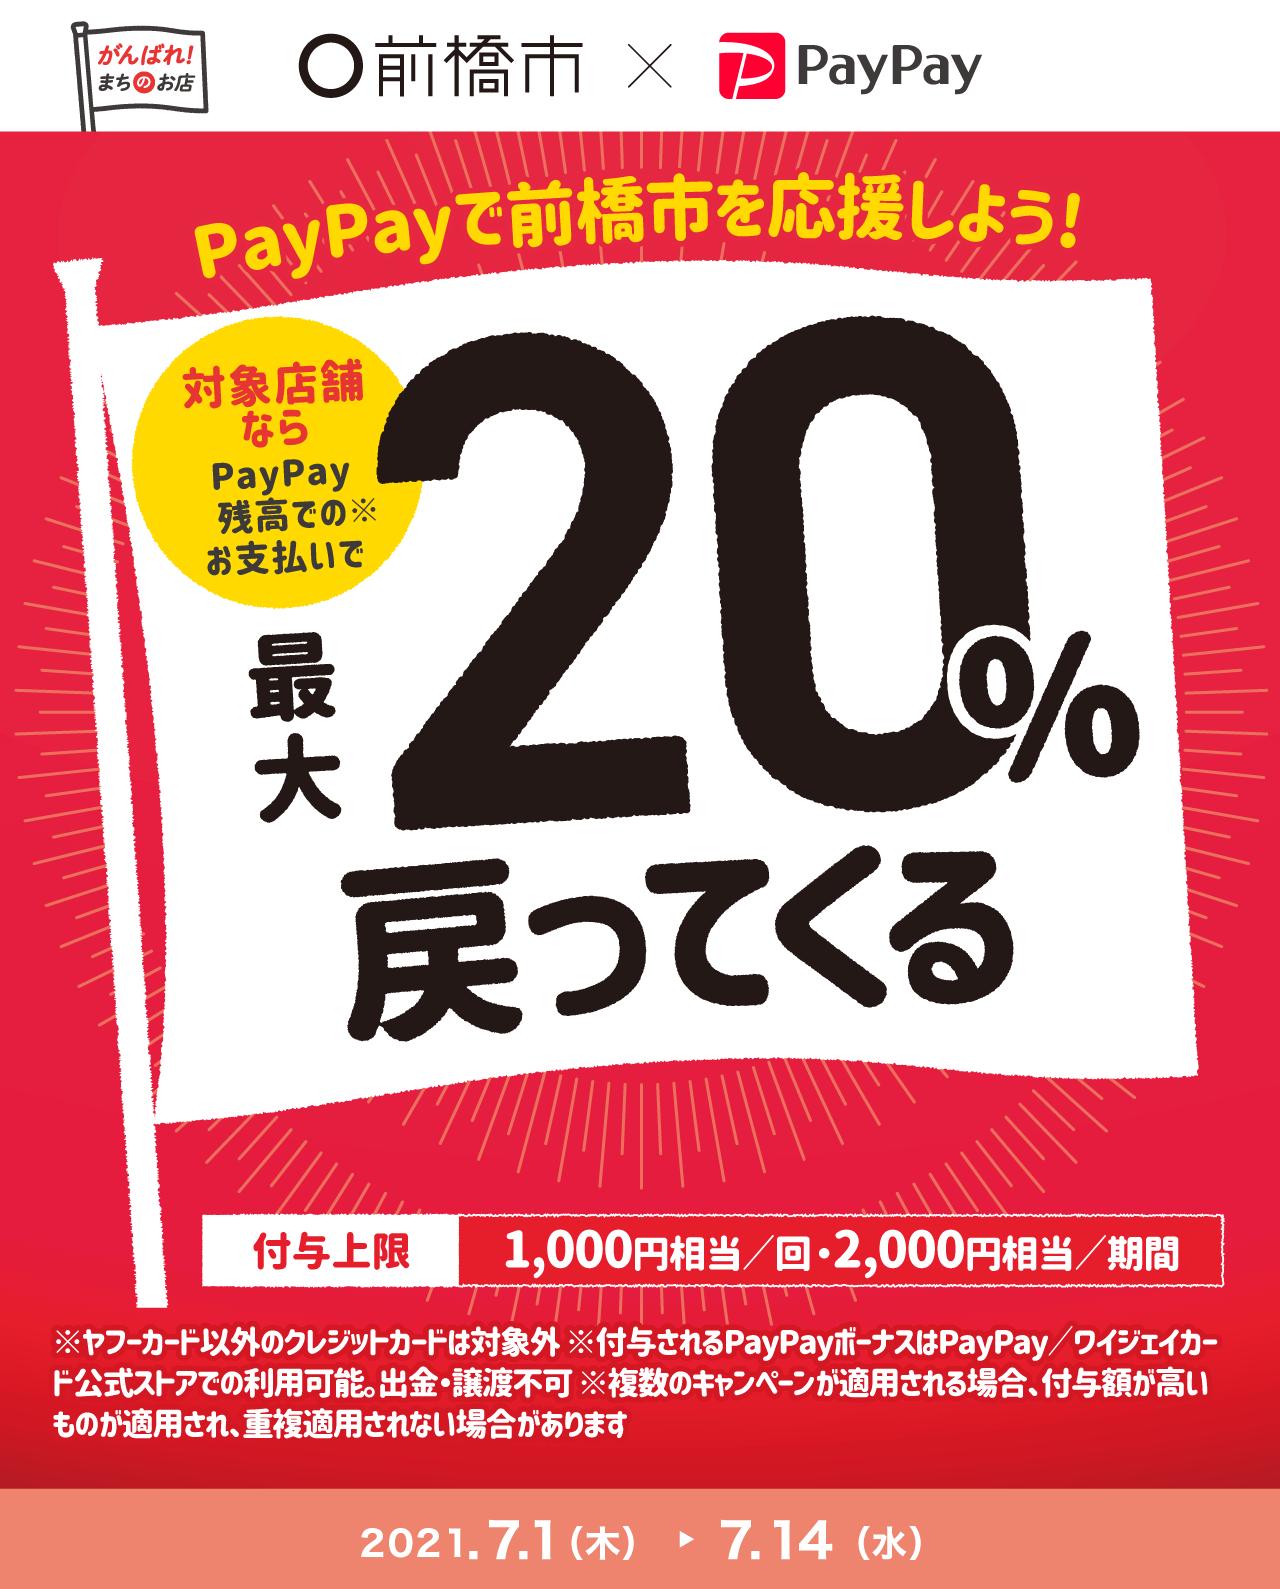 PayPayで前橋市を応援しよう! 対象店舗ならPayPay残高でのお支払いで最大20%戻ってくる